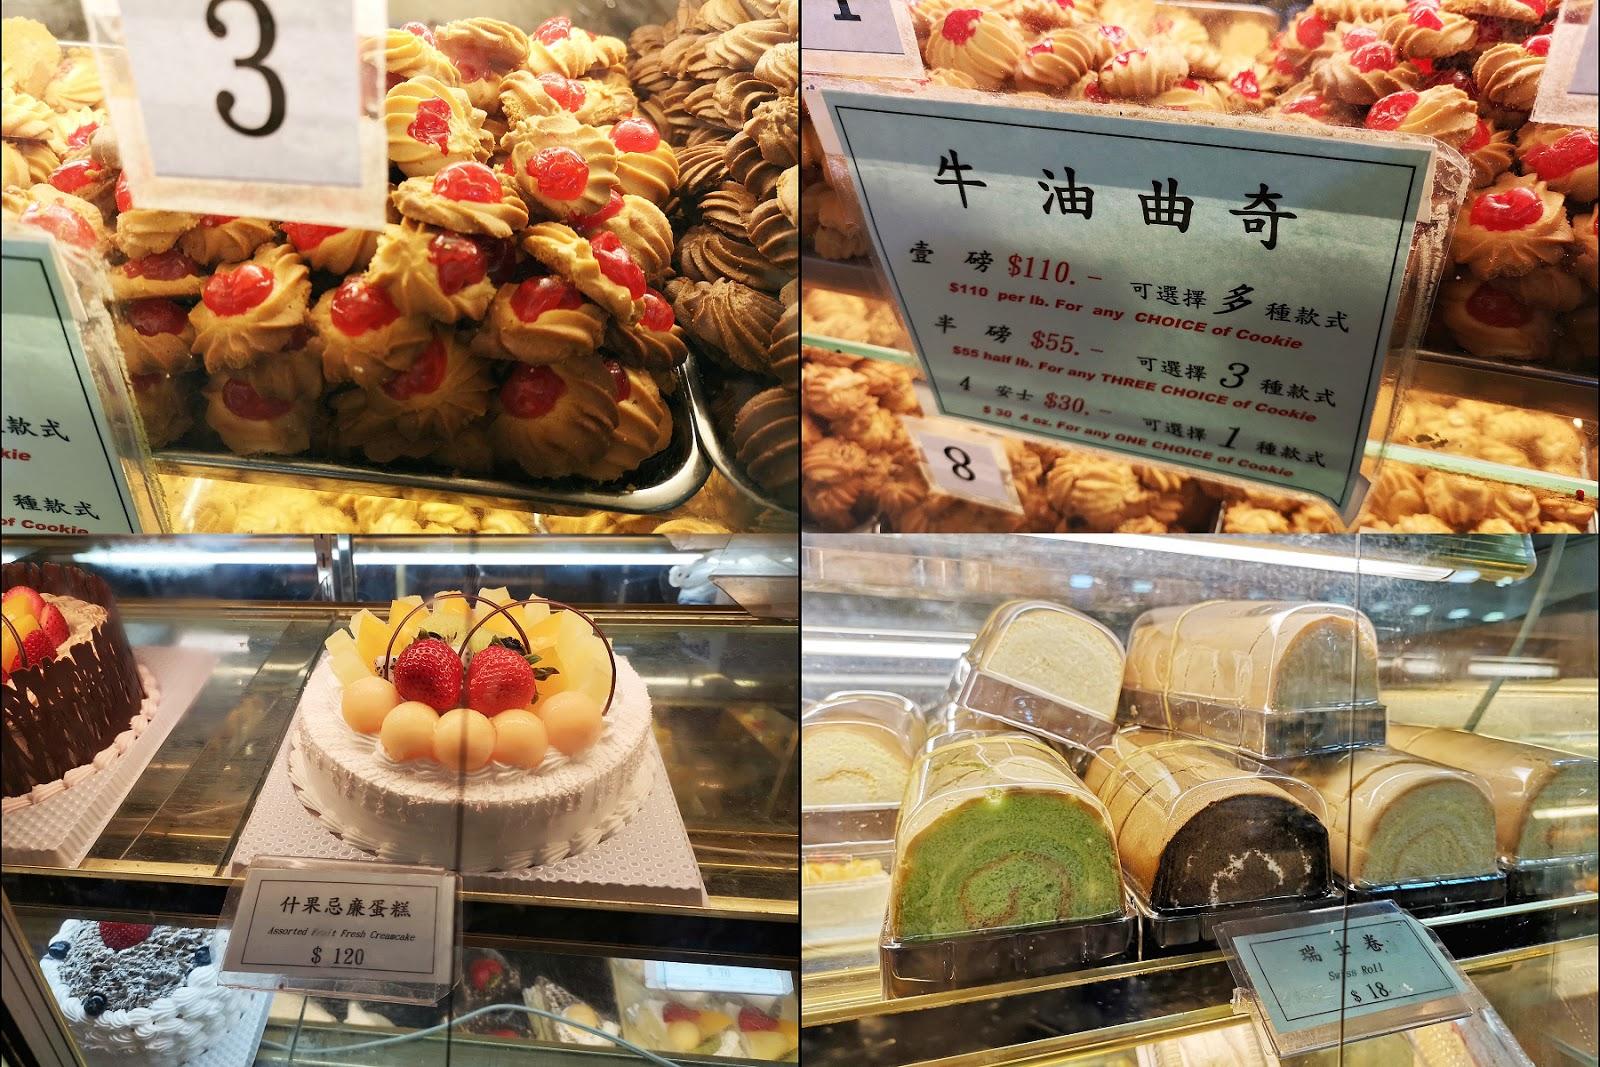 林公子生活遊記: 太子區搵食 車厘哥夫餅店 Cherikoff 曲奇餅 麵包 蛋糕 酥餅 分店 紐結糖香港 價錢抵食